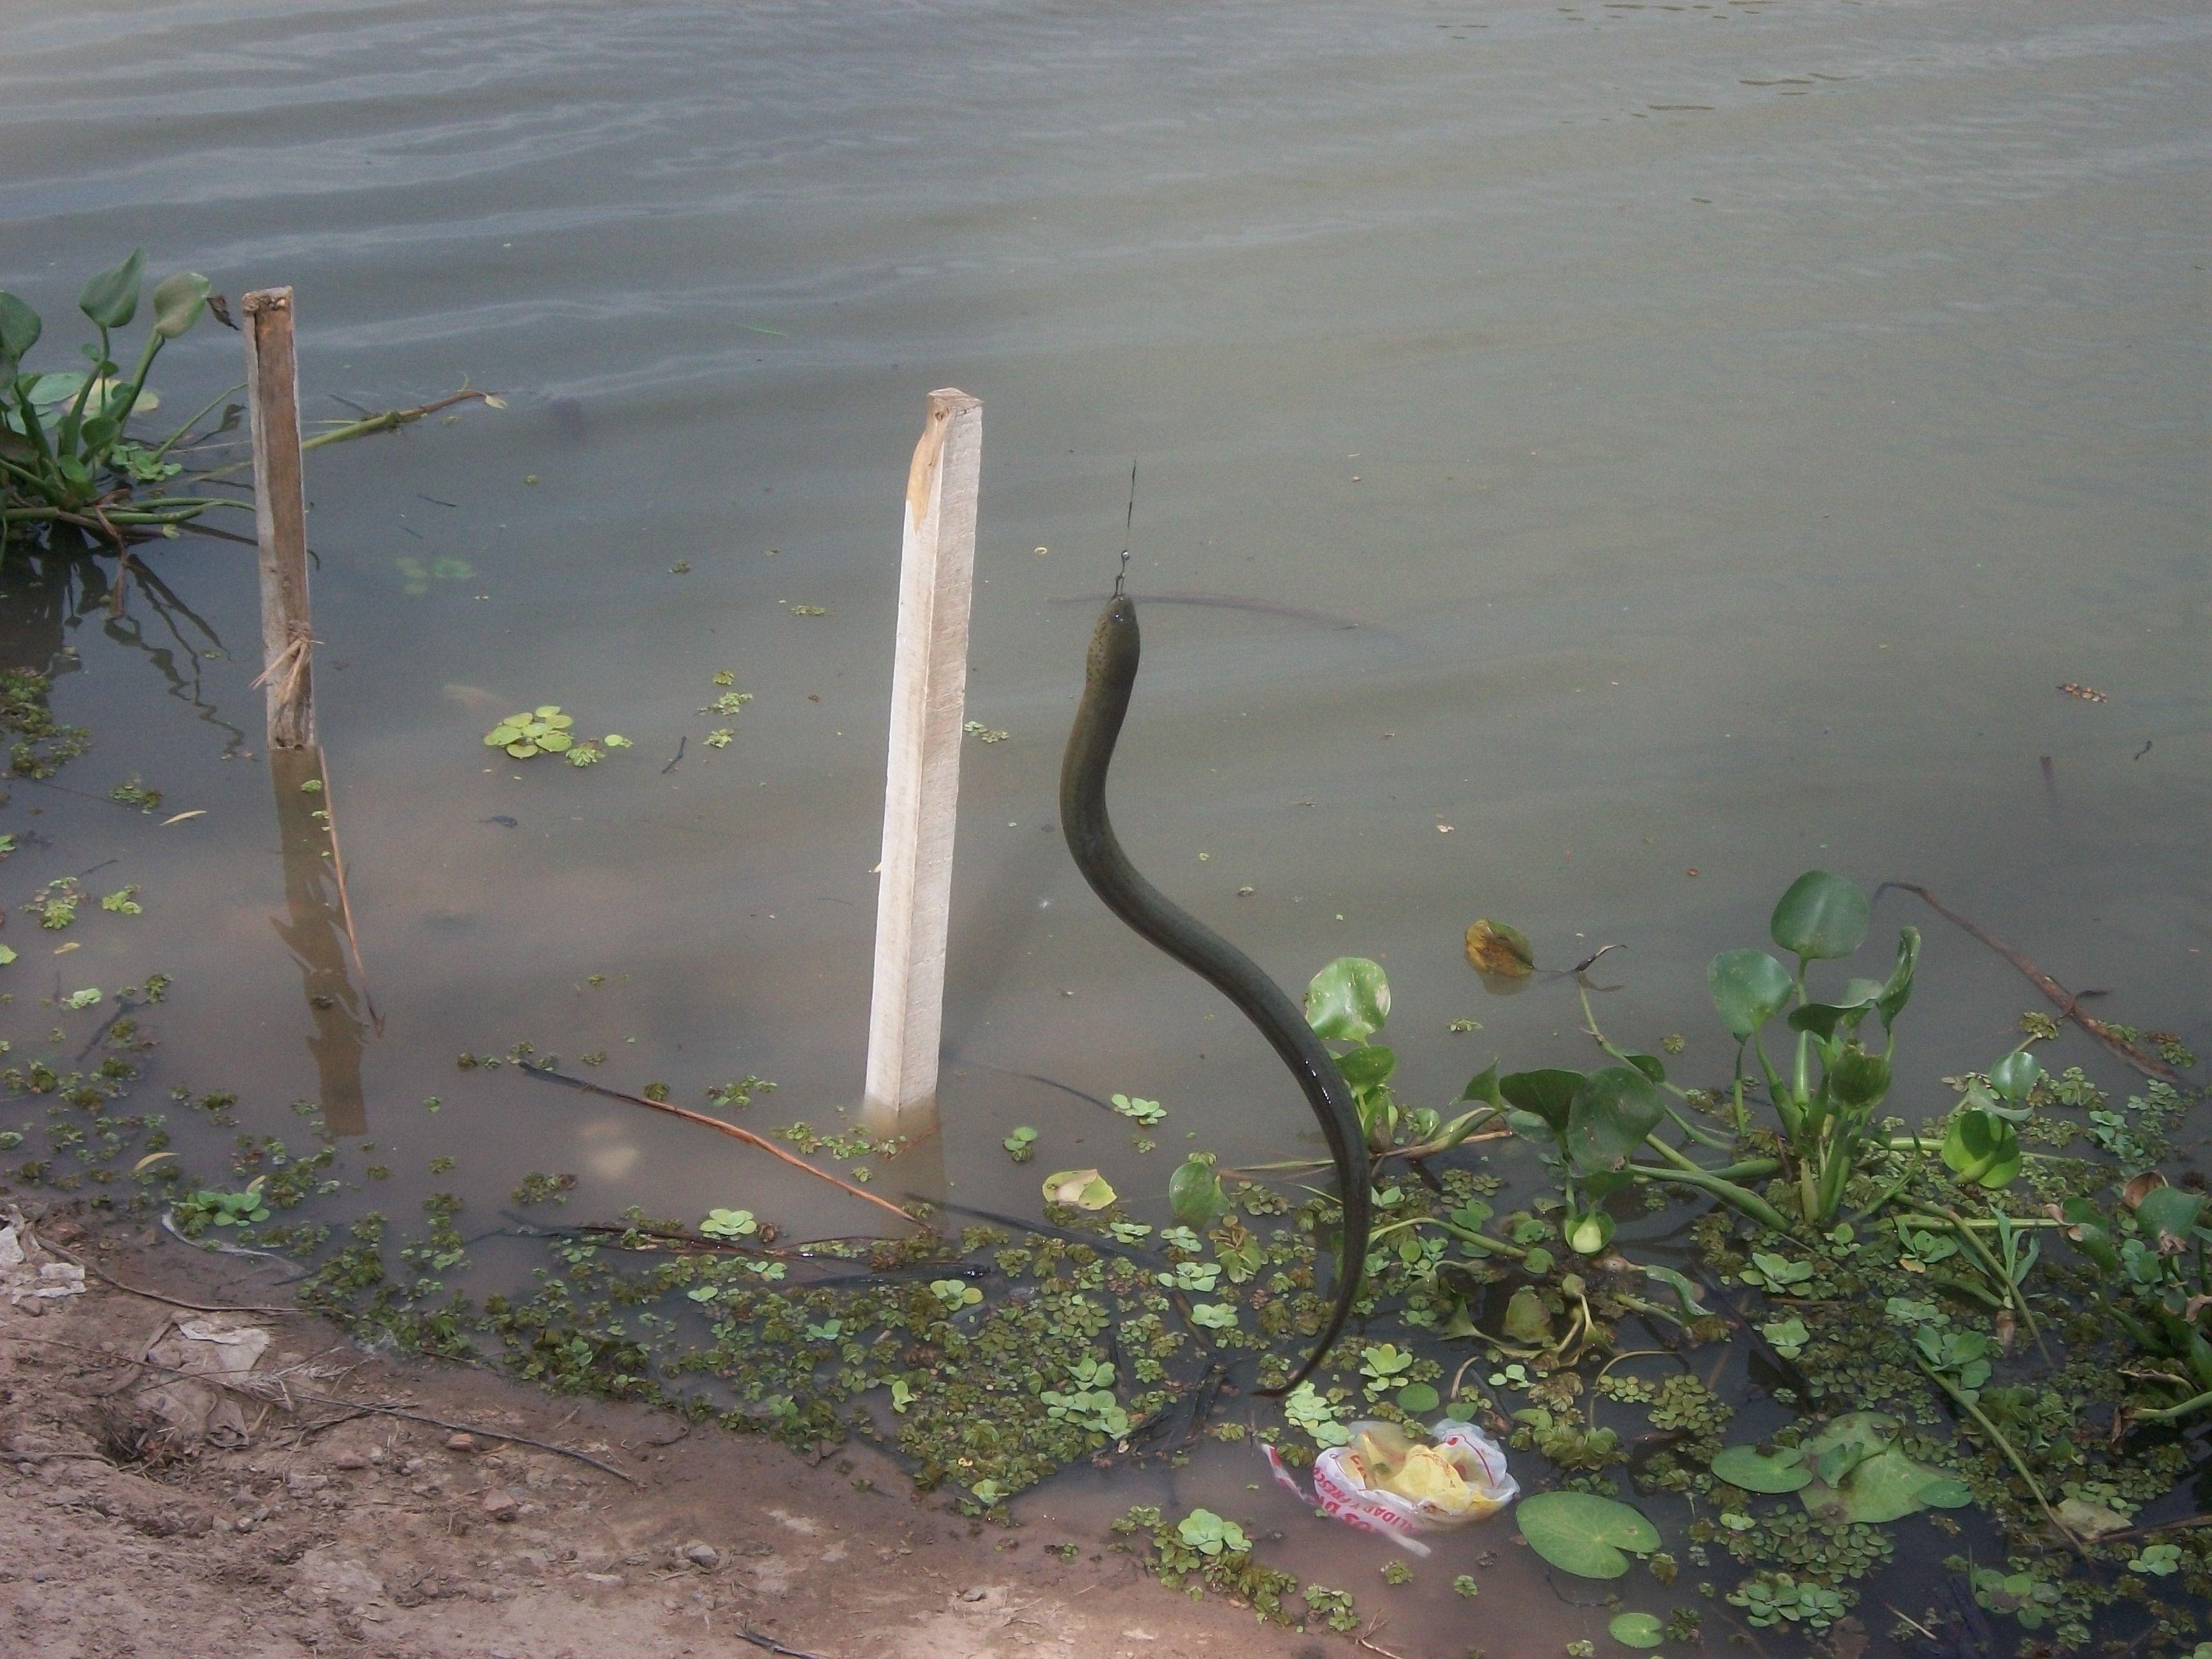 San Pedro, pescando una anguila en el río...